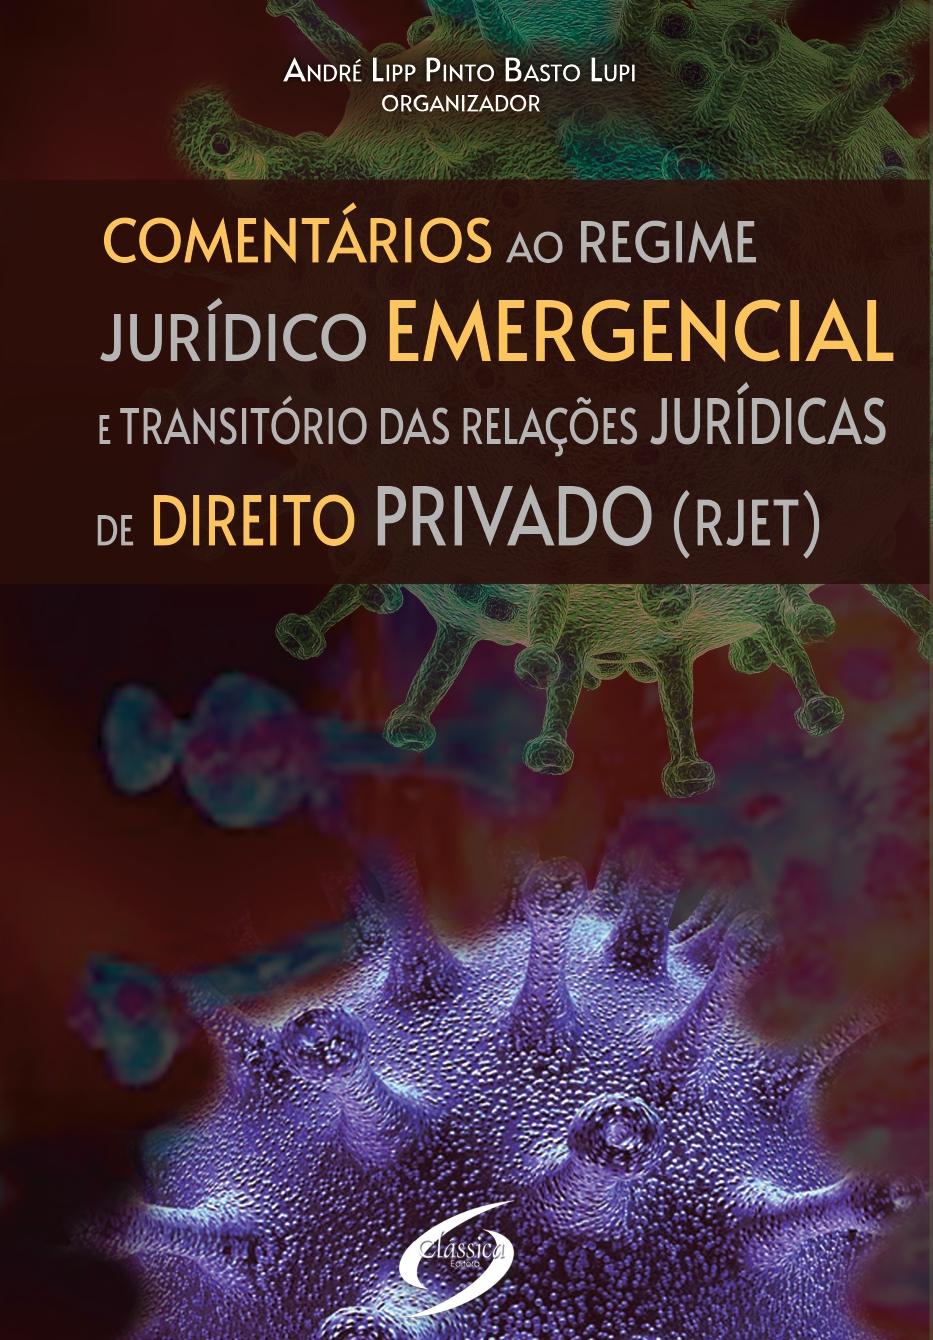 Comentários ao Regime Jurídico Emergencial e Transitório das Relações Jurídicas de Direito Privado (RJET)